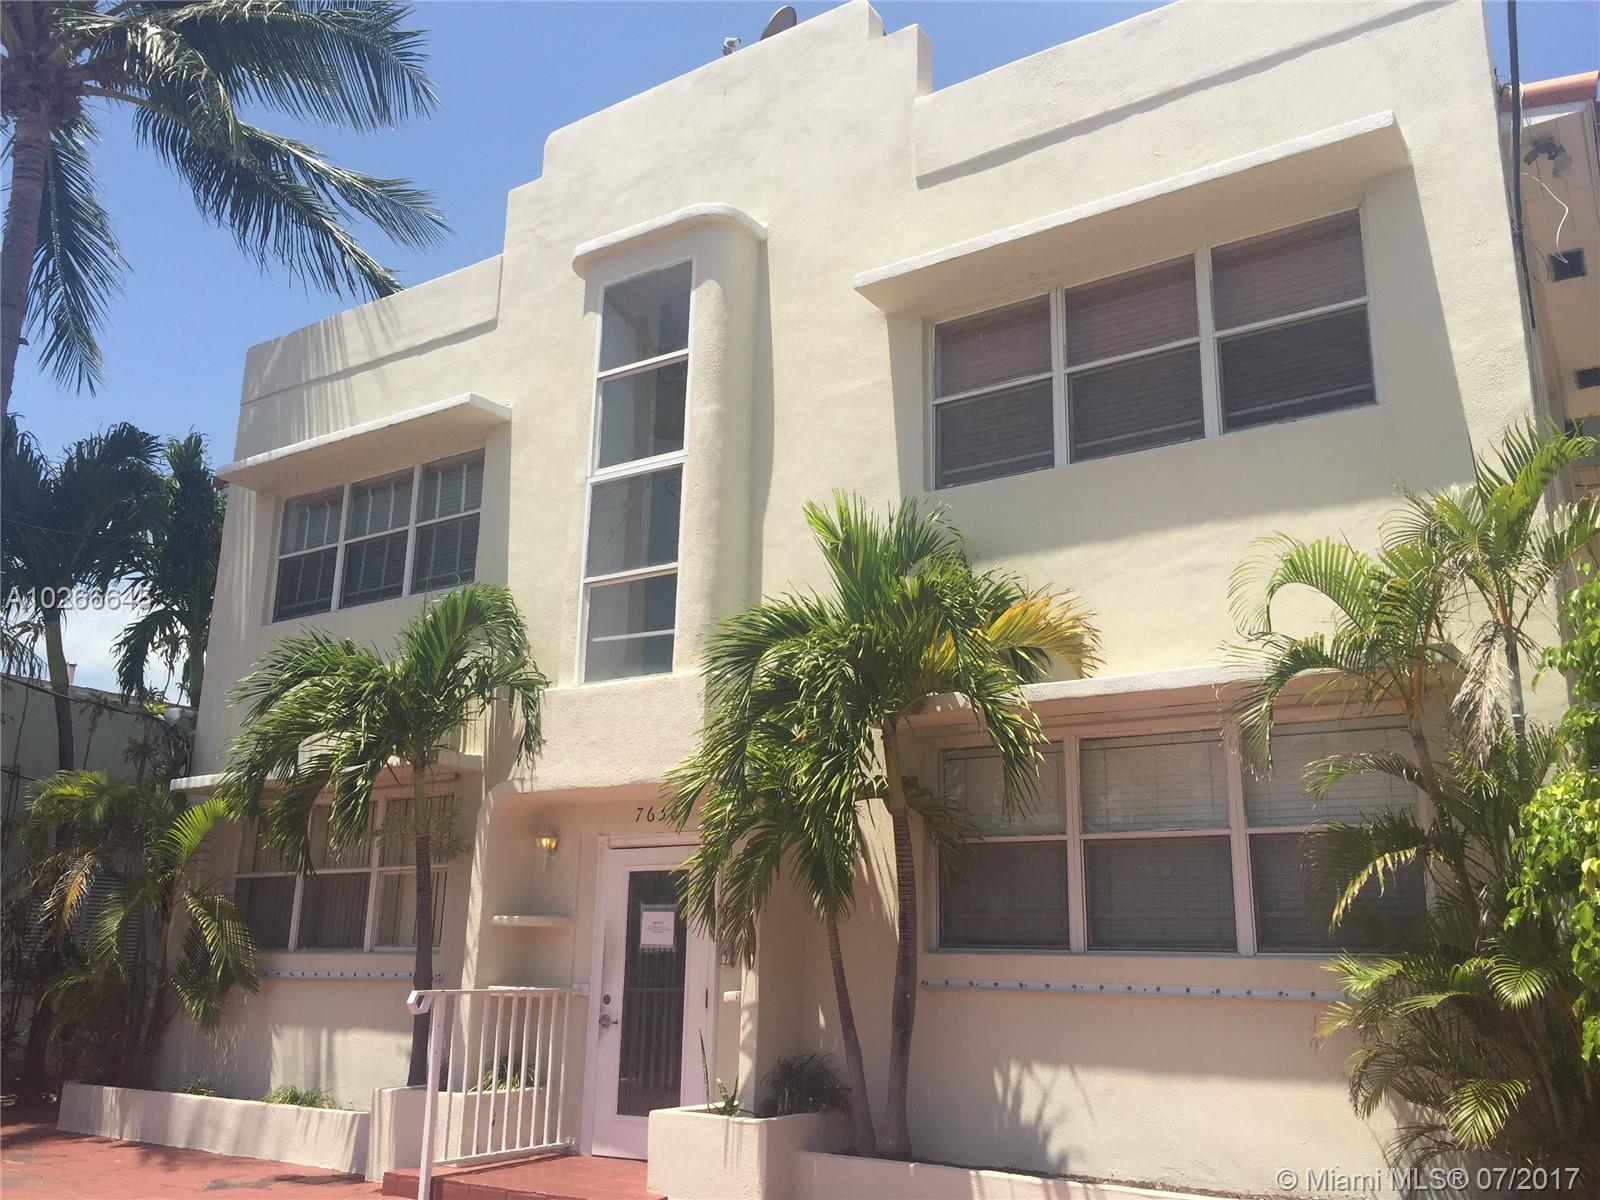 7636 Abbott Ave # 7, Miami Beach, FL 33141